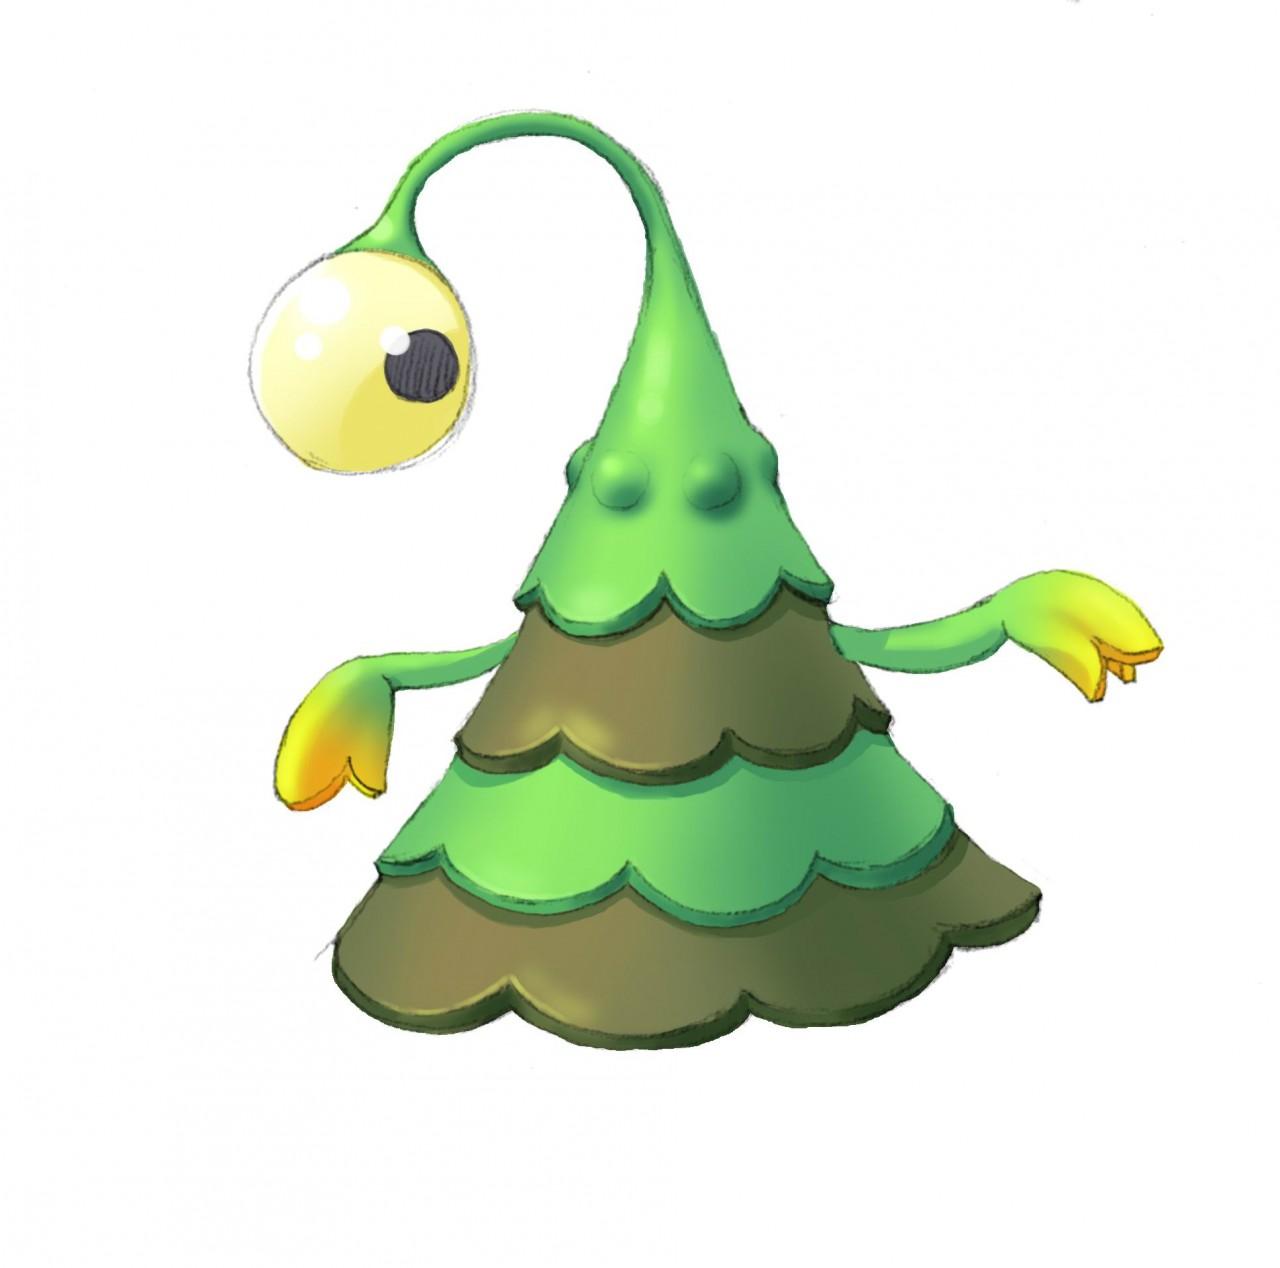 Opoona Wii Visuel 011